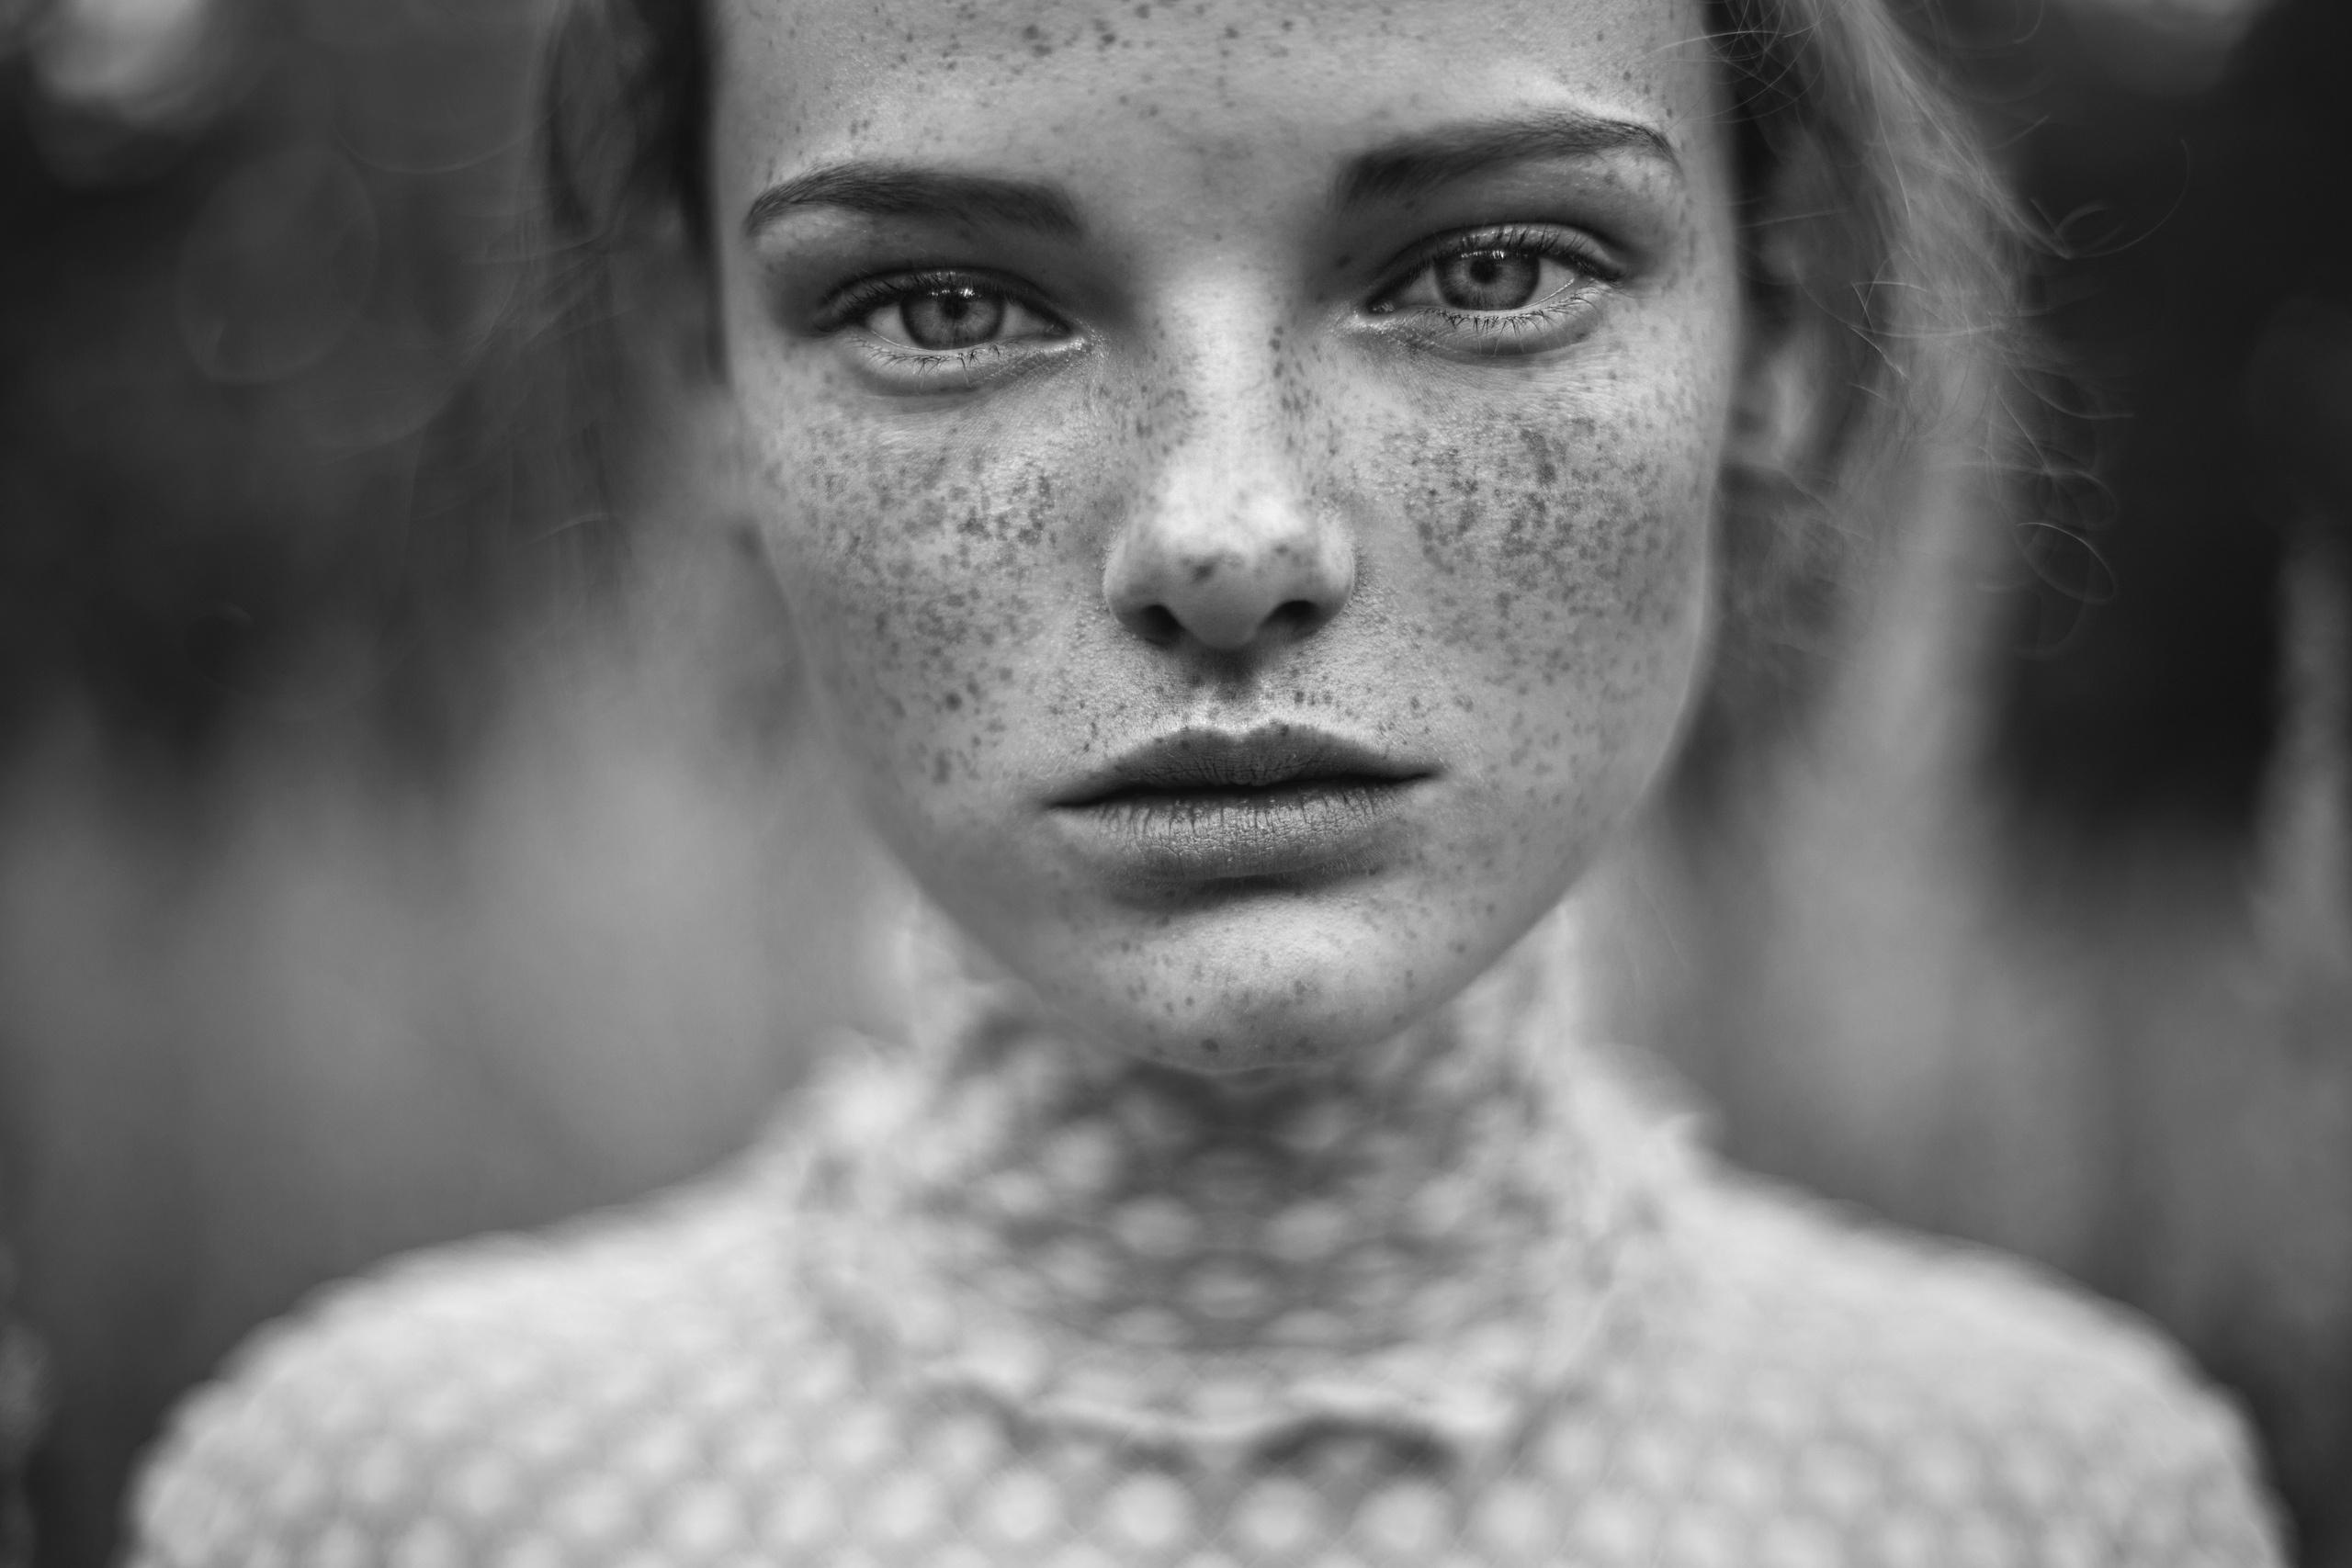 для для практики портретной фотографии ищутся модели кандидатом мастера